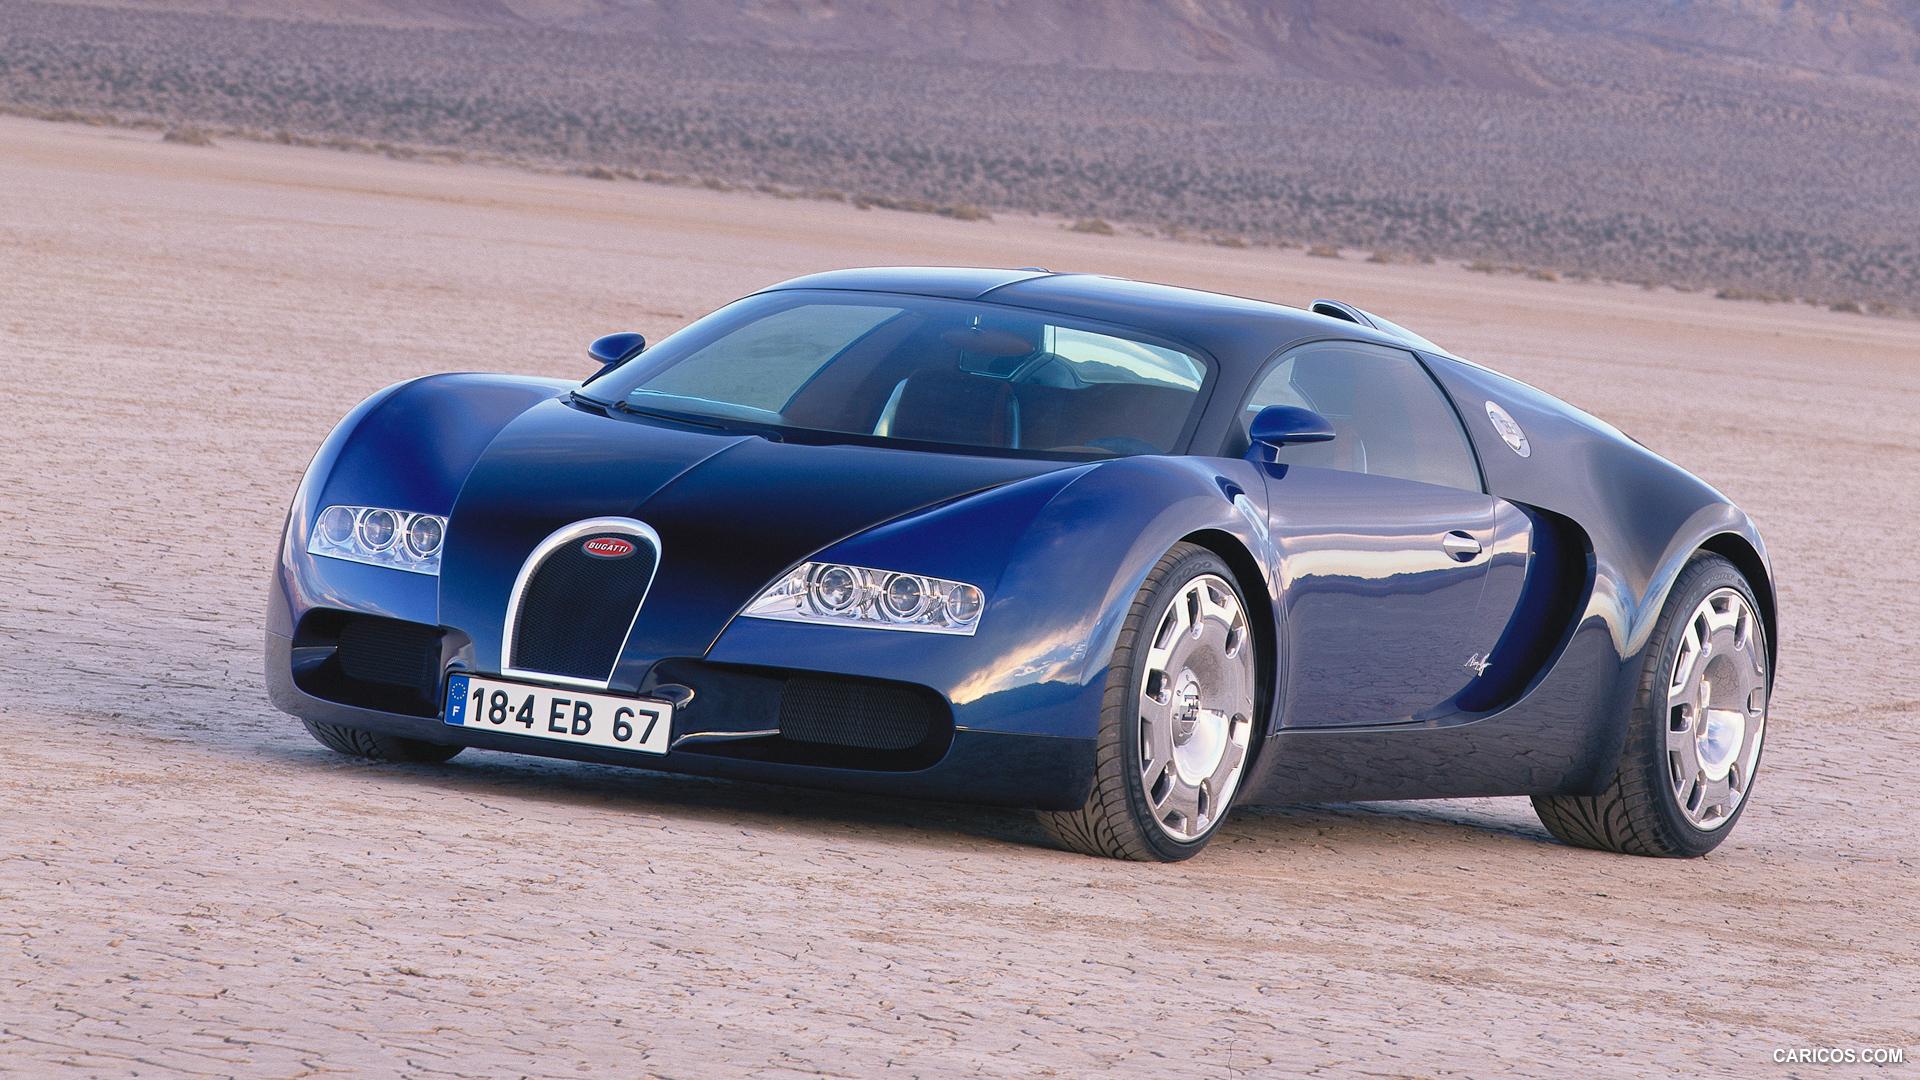 bugatti eb 18 4 veyron concept picture 108152 bugatti. Black Bedroom Furniture Sets. Home Design Ideas